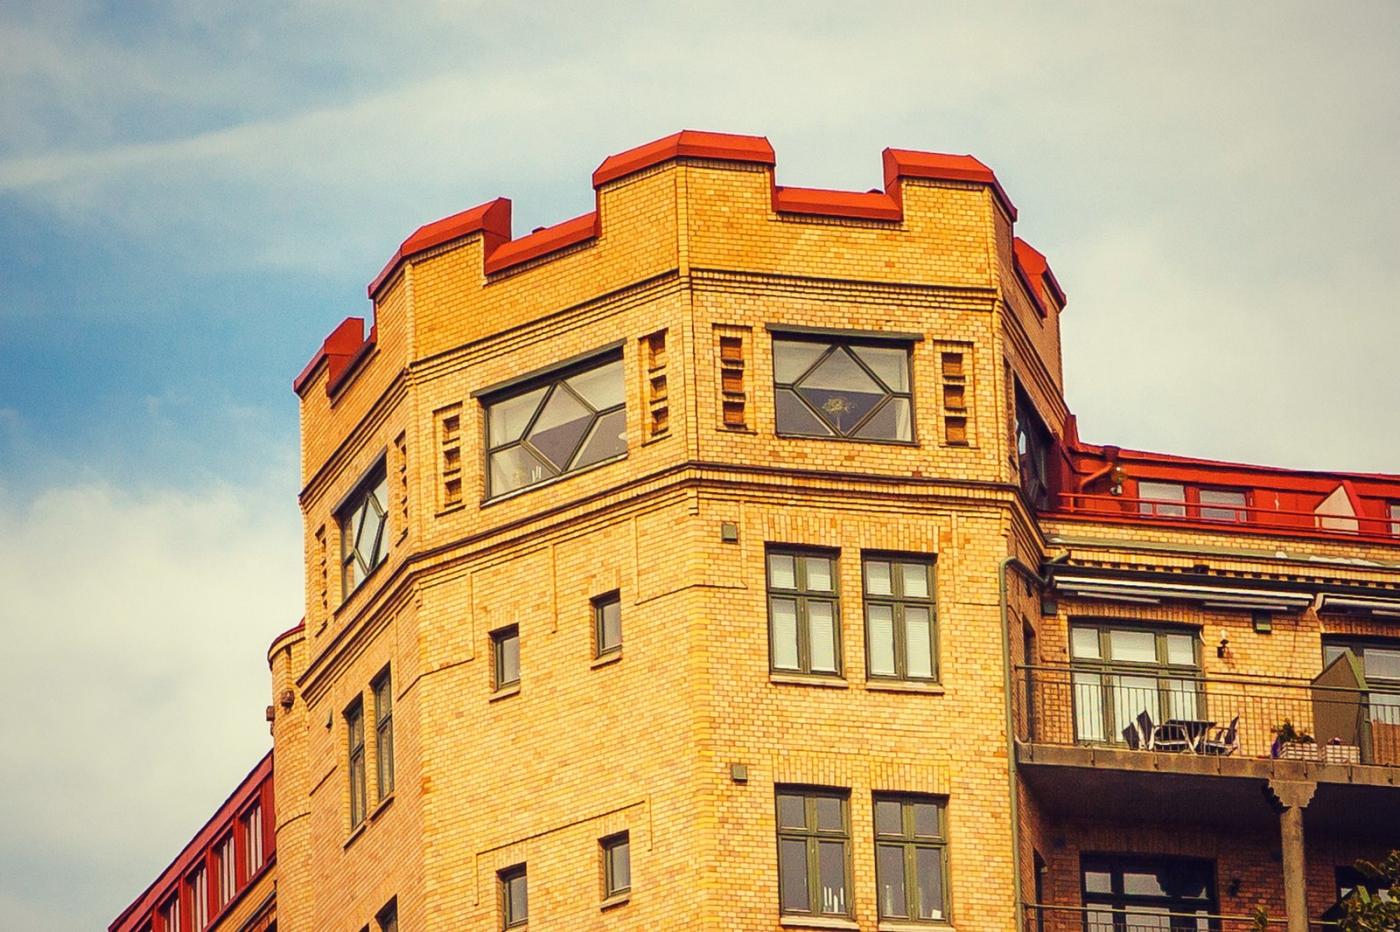 瑞典哥德堡,這幢大廈很特殊_圖1-4